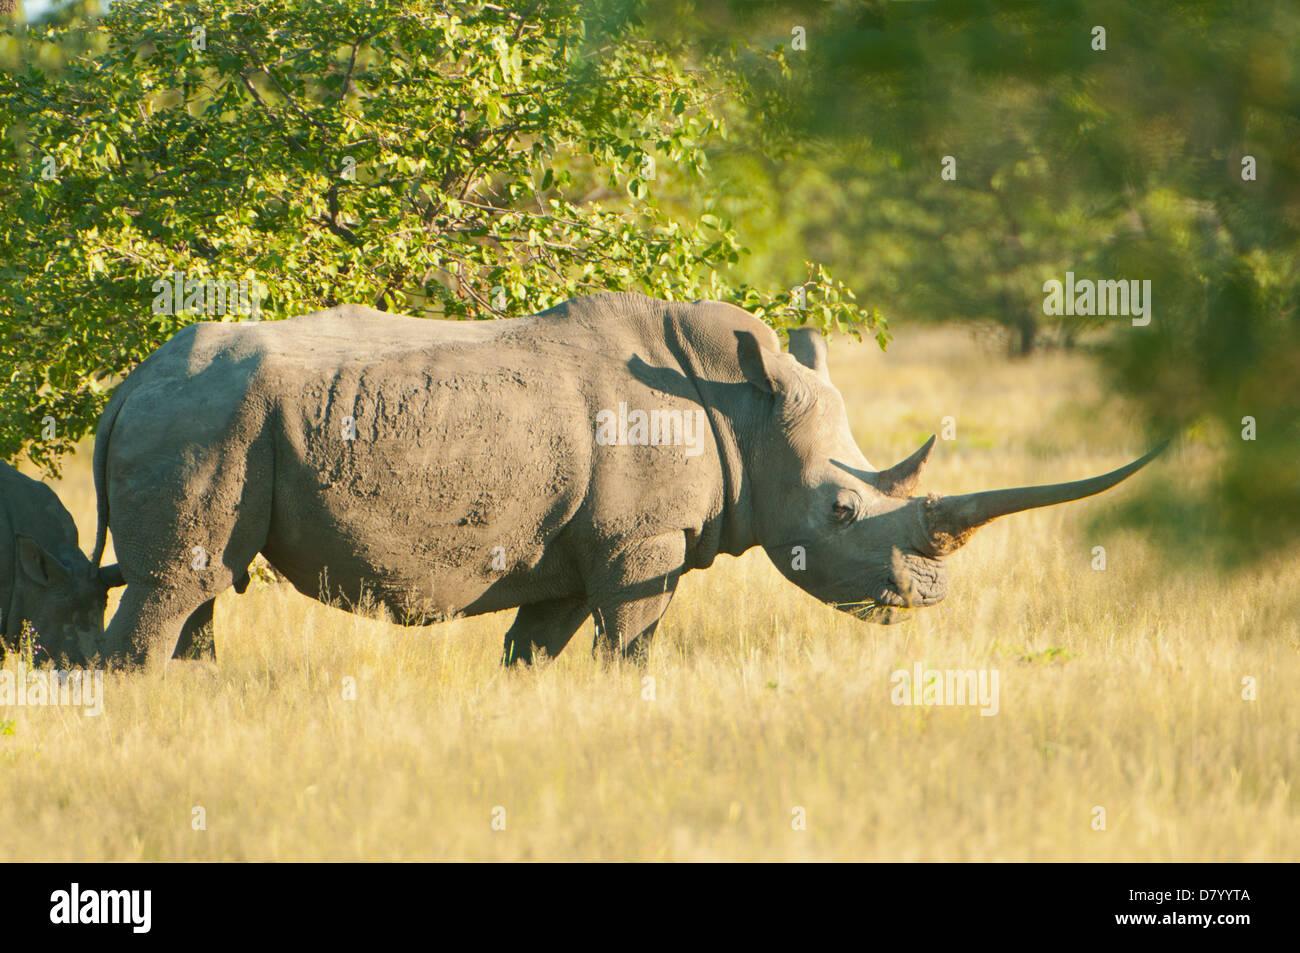 White Rhinoceros in Ongava, near Etosha National Park, Namibia Stock Photo